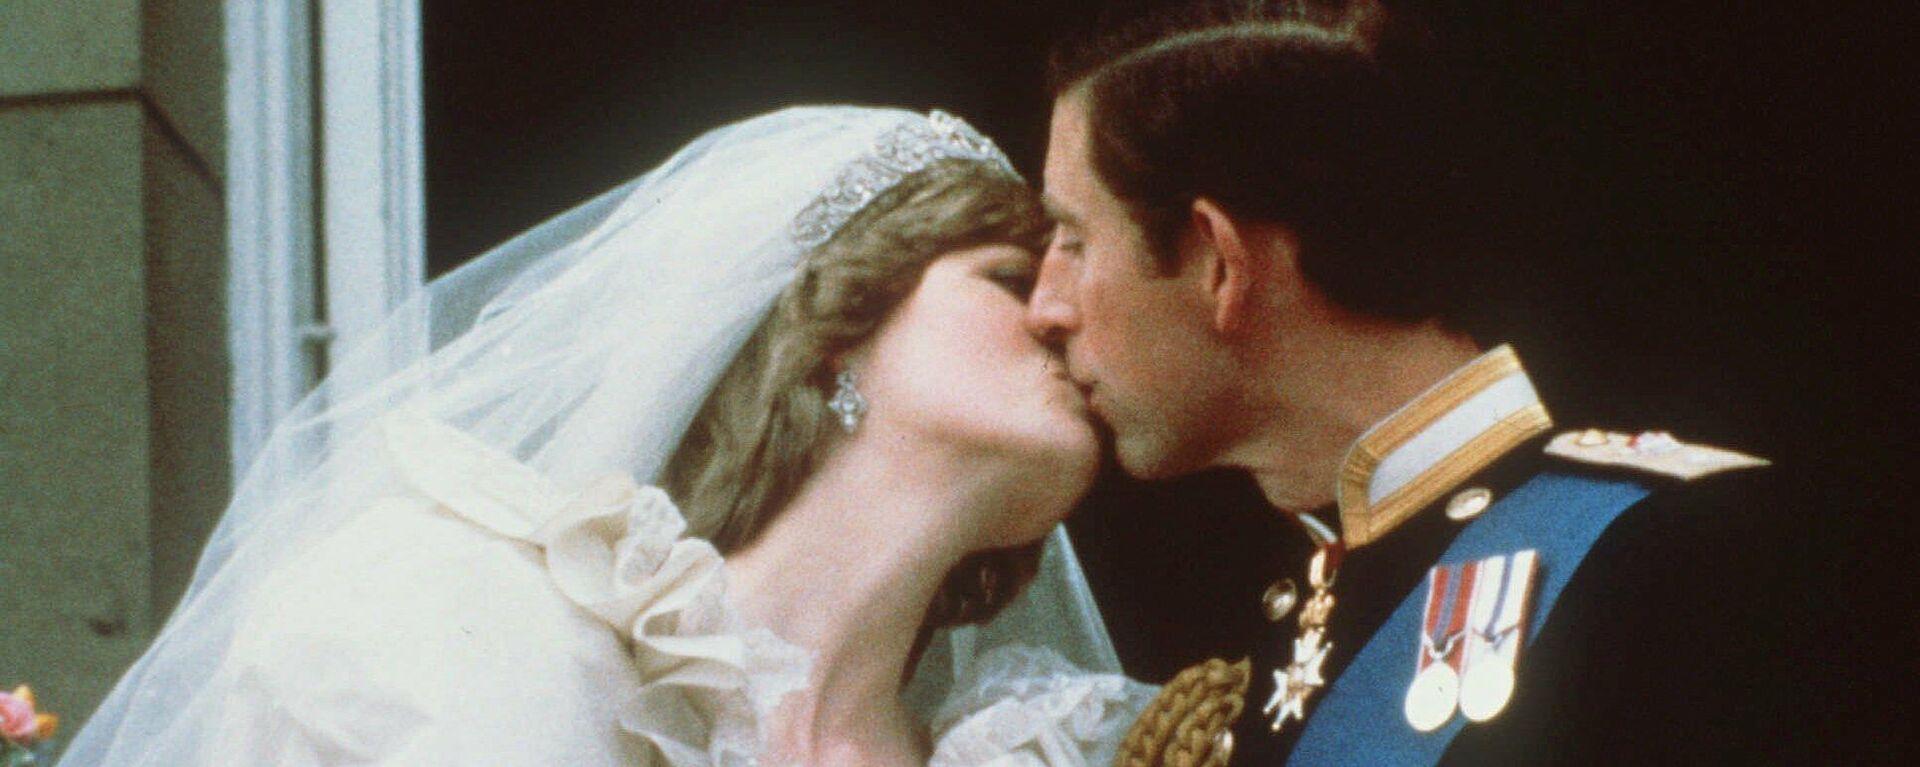 Lady Di junto al príncipe Carlos el día de su boda - Sputnik Mundo, 1920, 01.08.2021